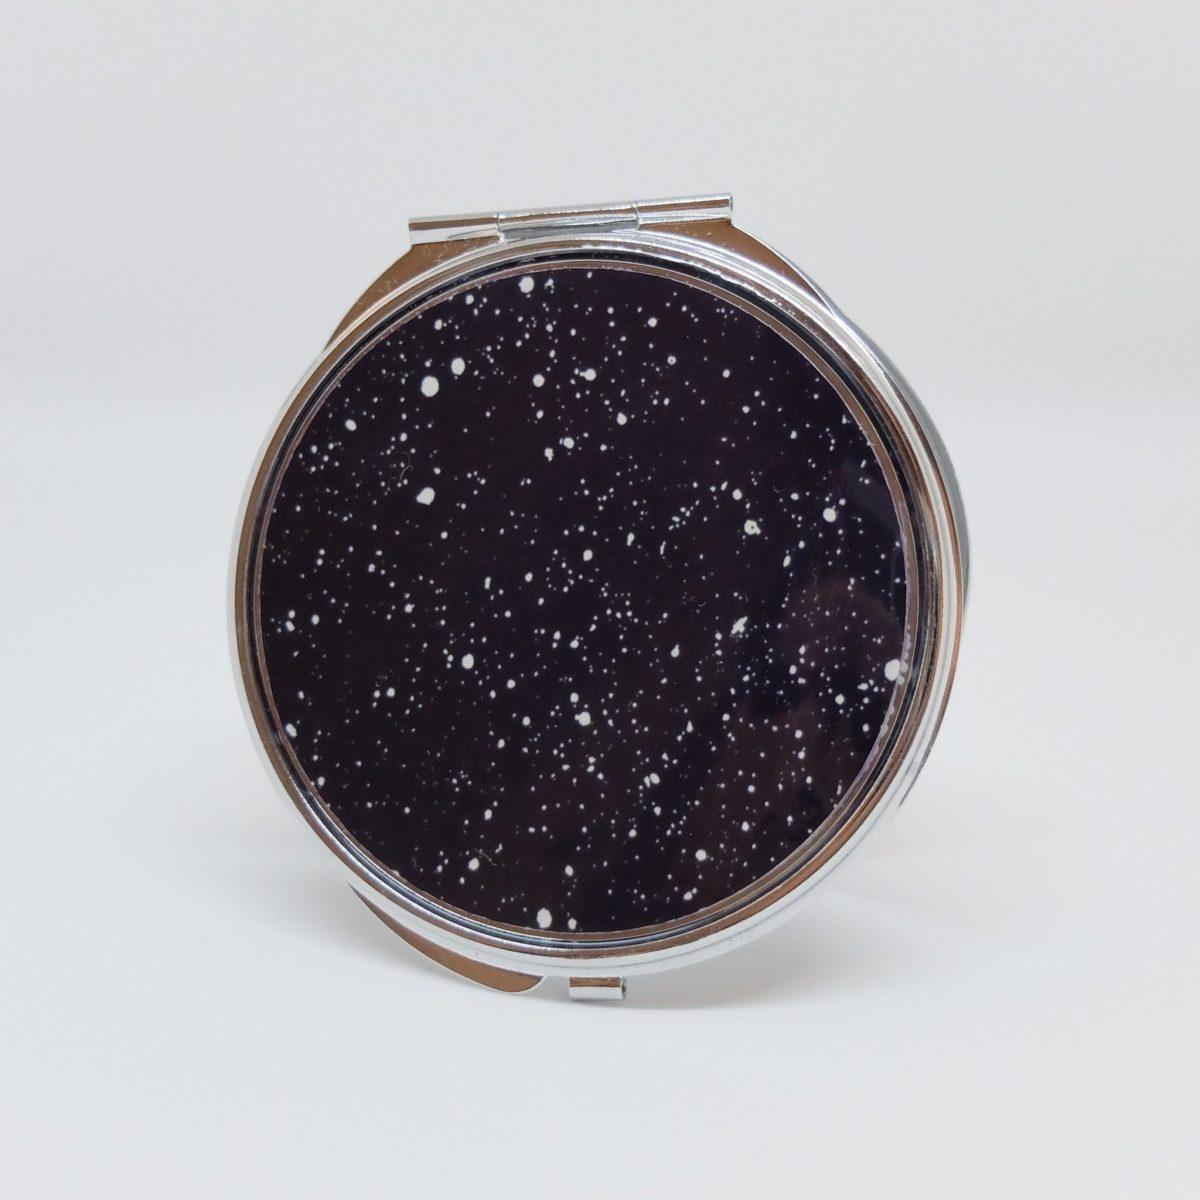 Zrcátko černé s puntíky